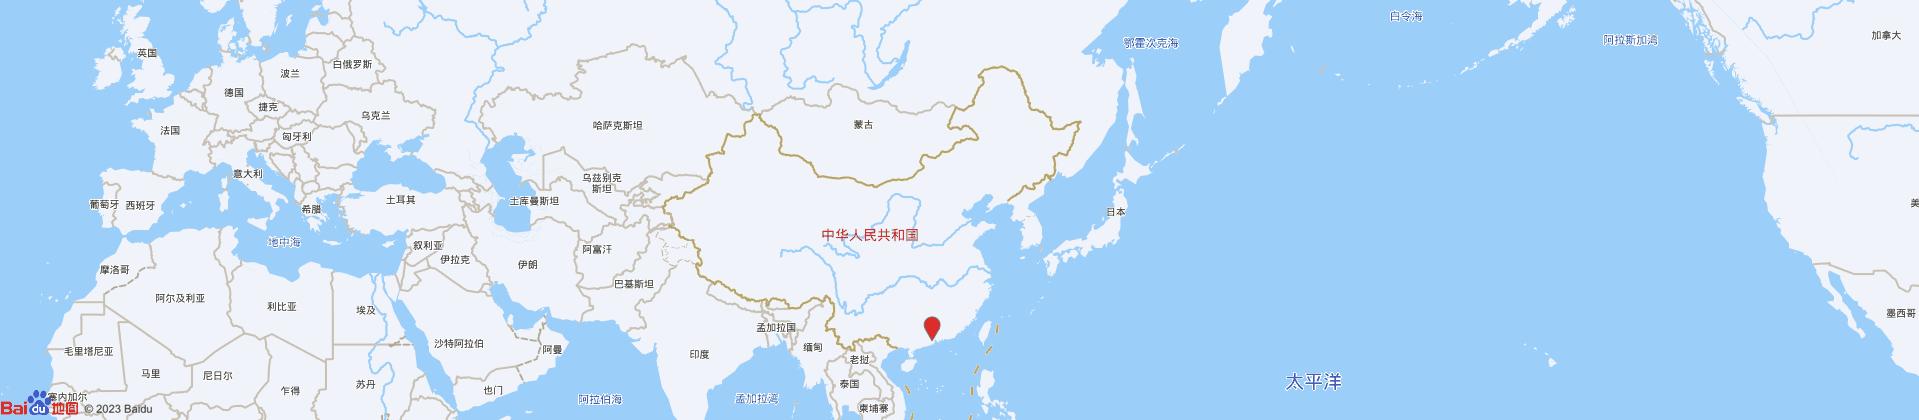 德利民生(天津)商贸有限公司